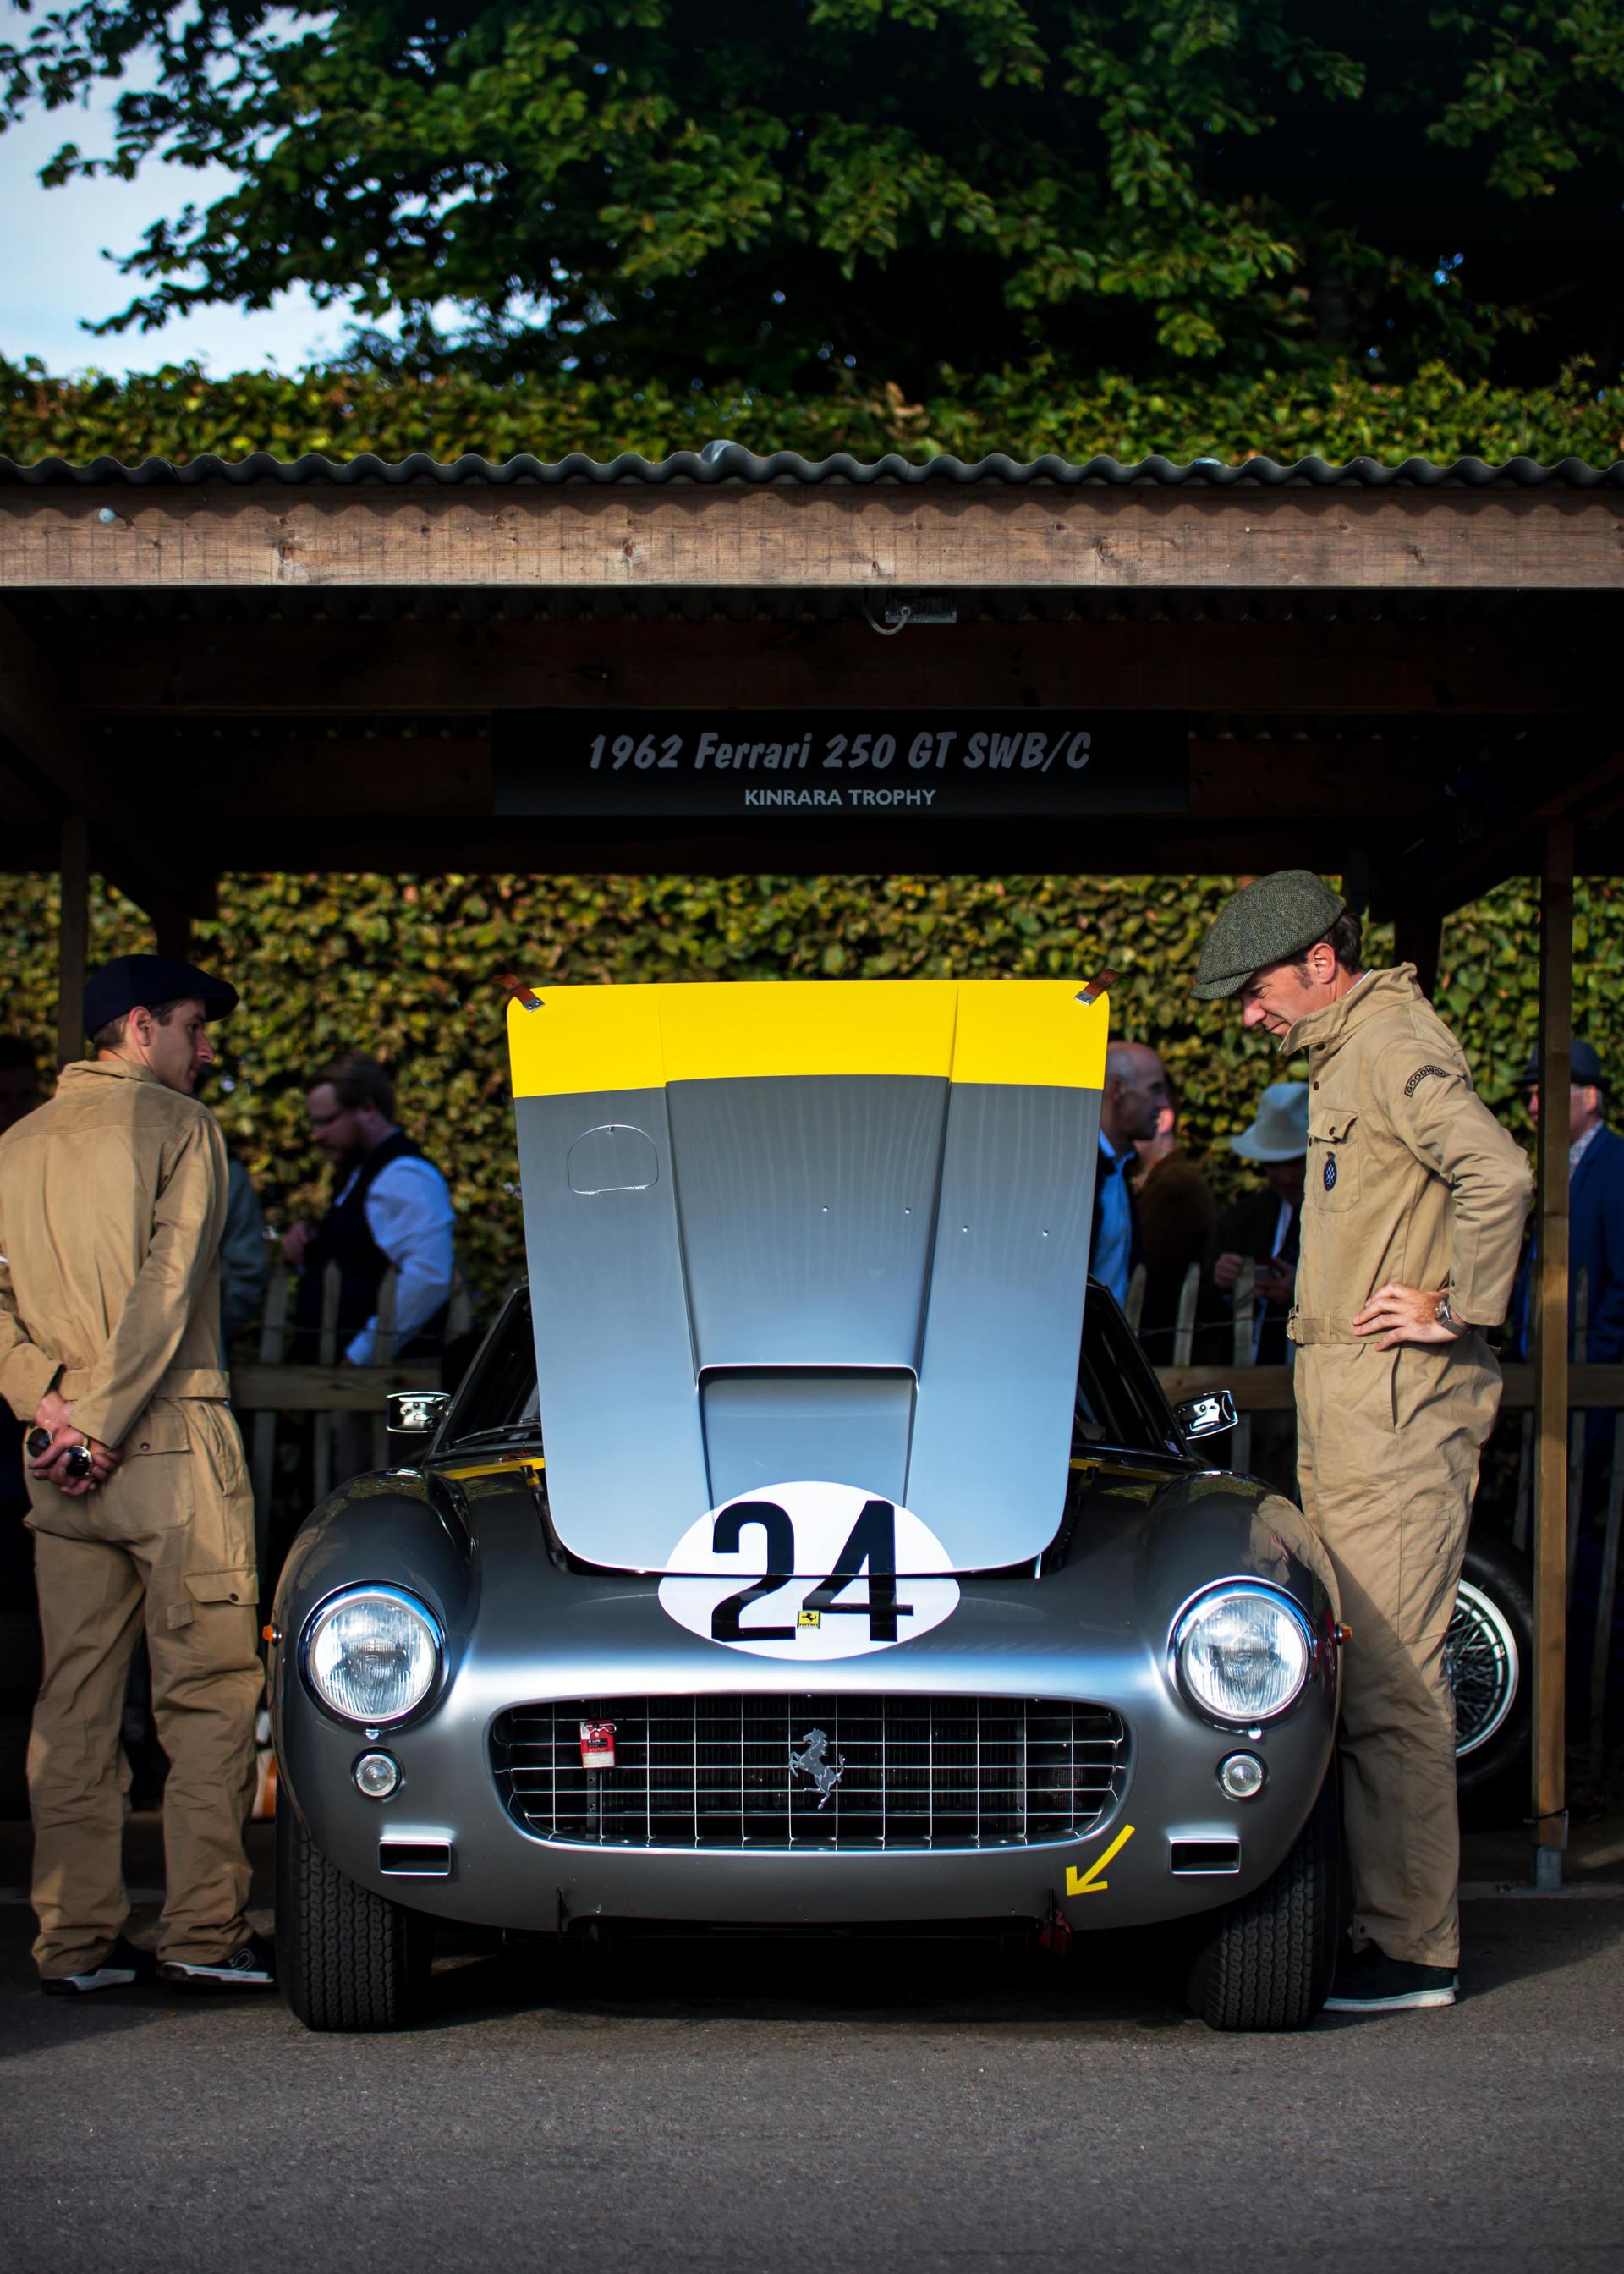 Arnold Meier's 1962 Ferrari 250 GT SWB/C